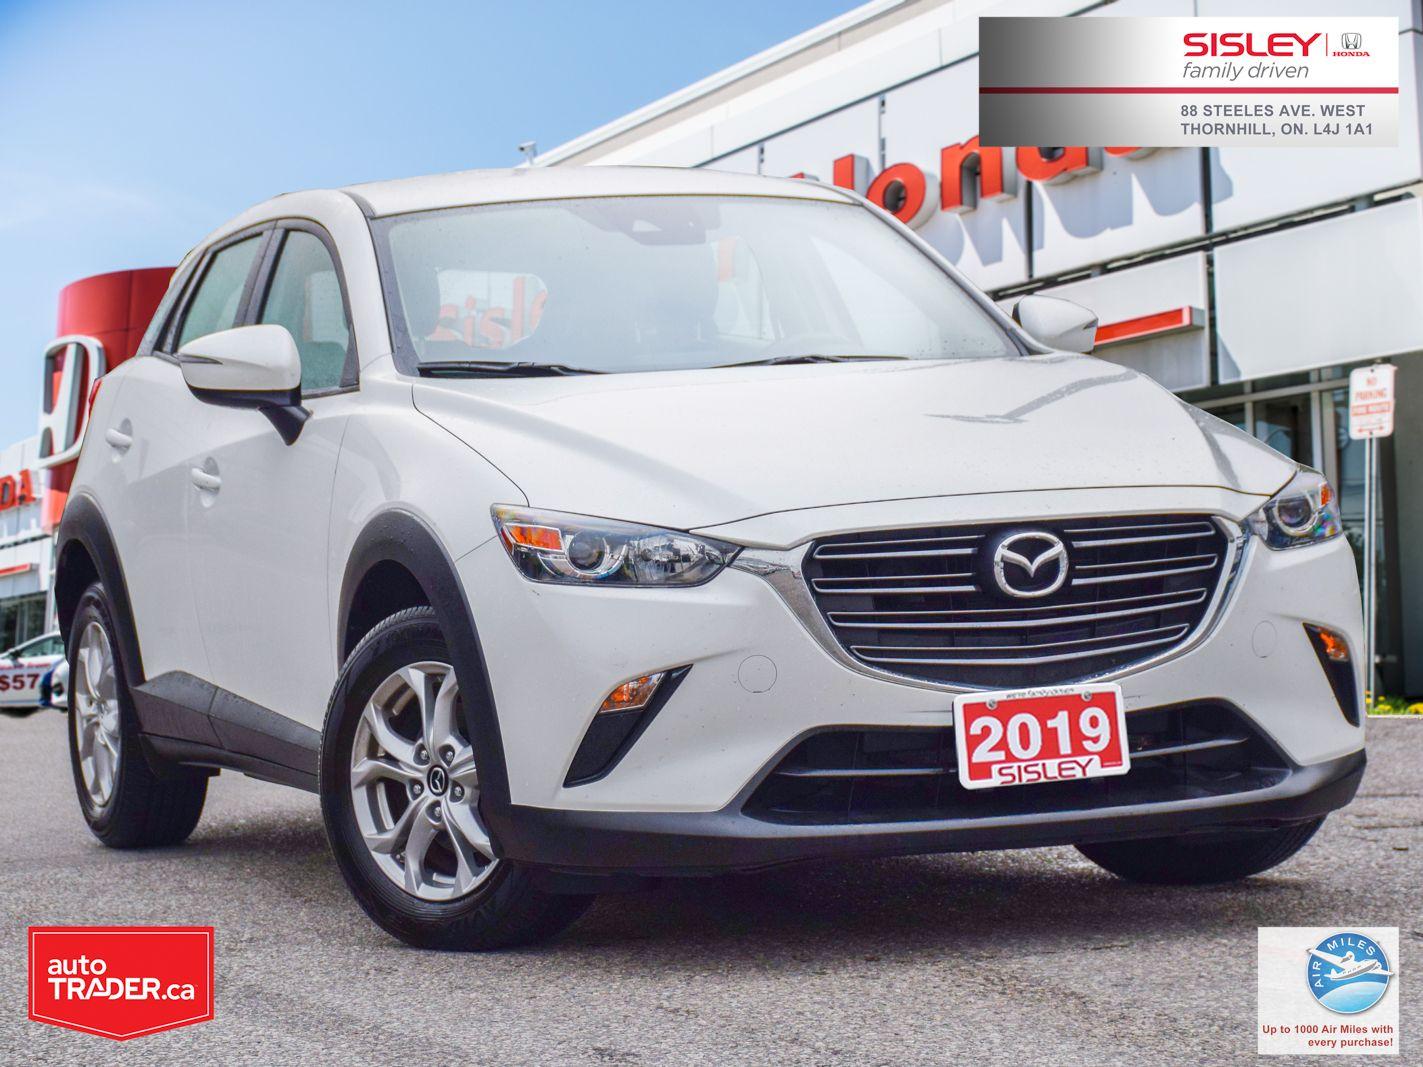 2019 Mazda CX-3 Image